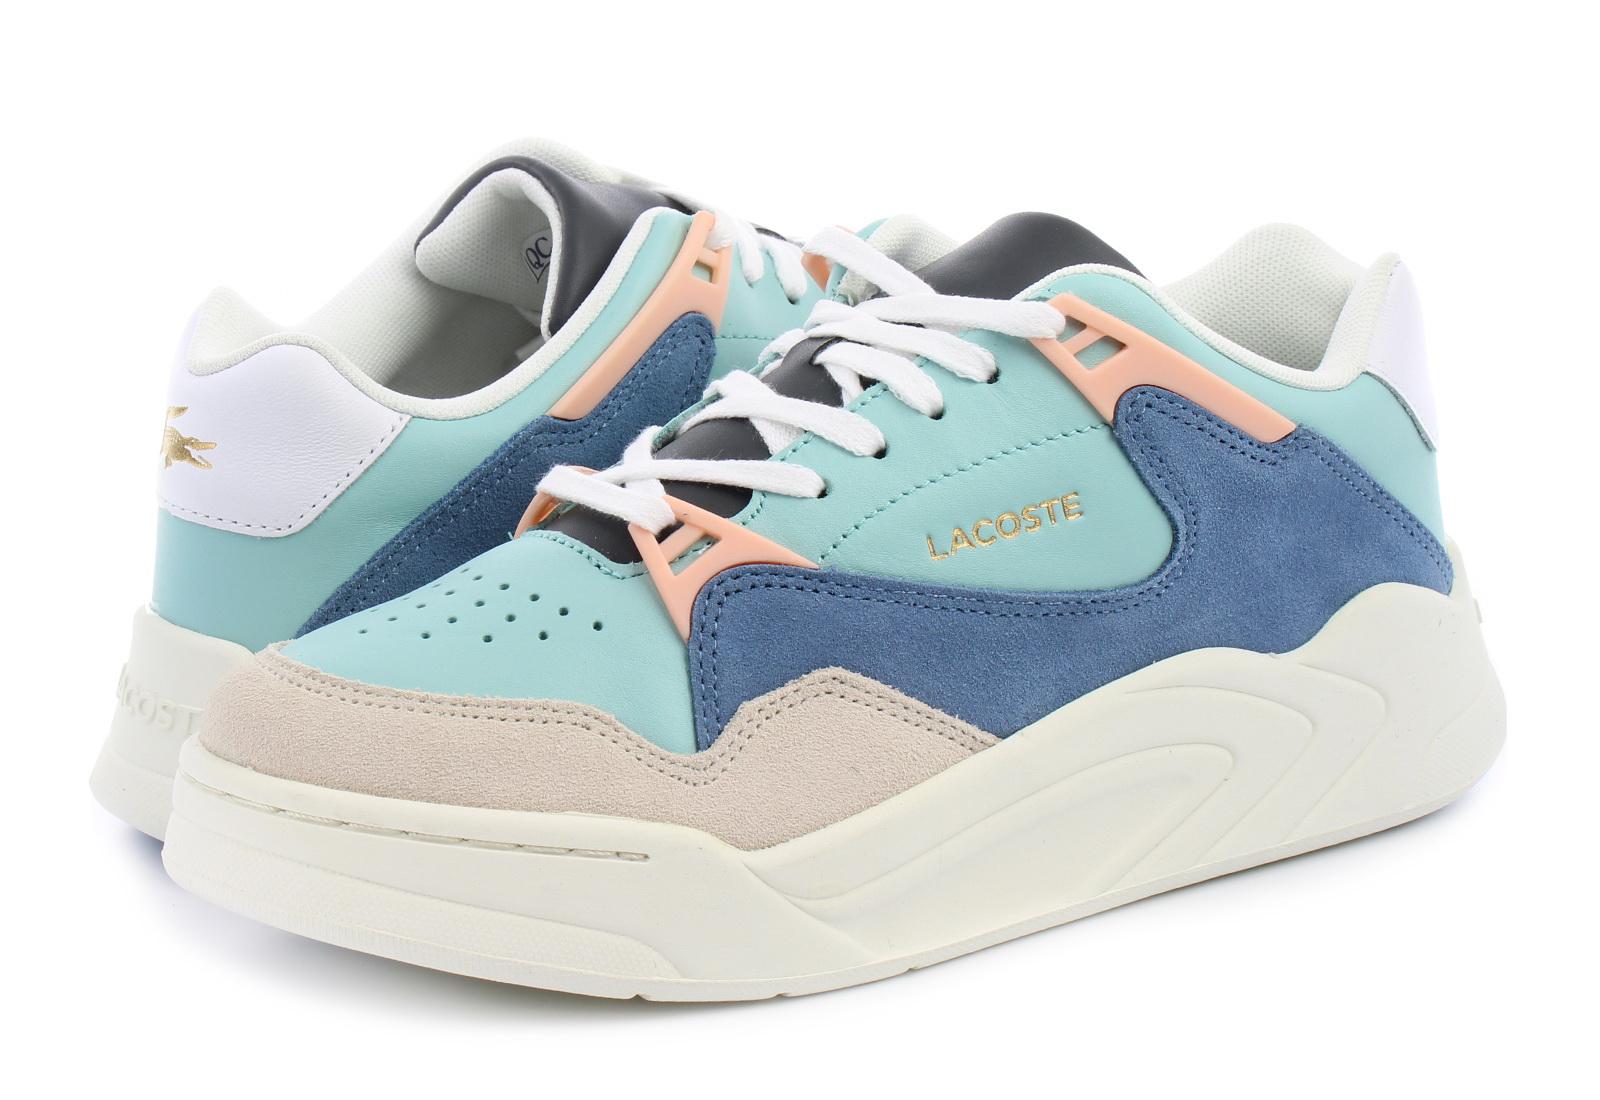 Lacoste Pantofi Court Slam 120